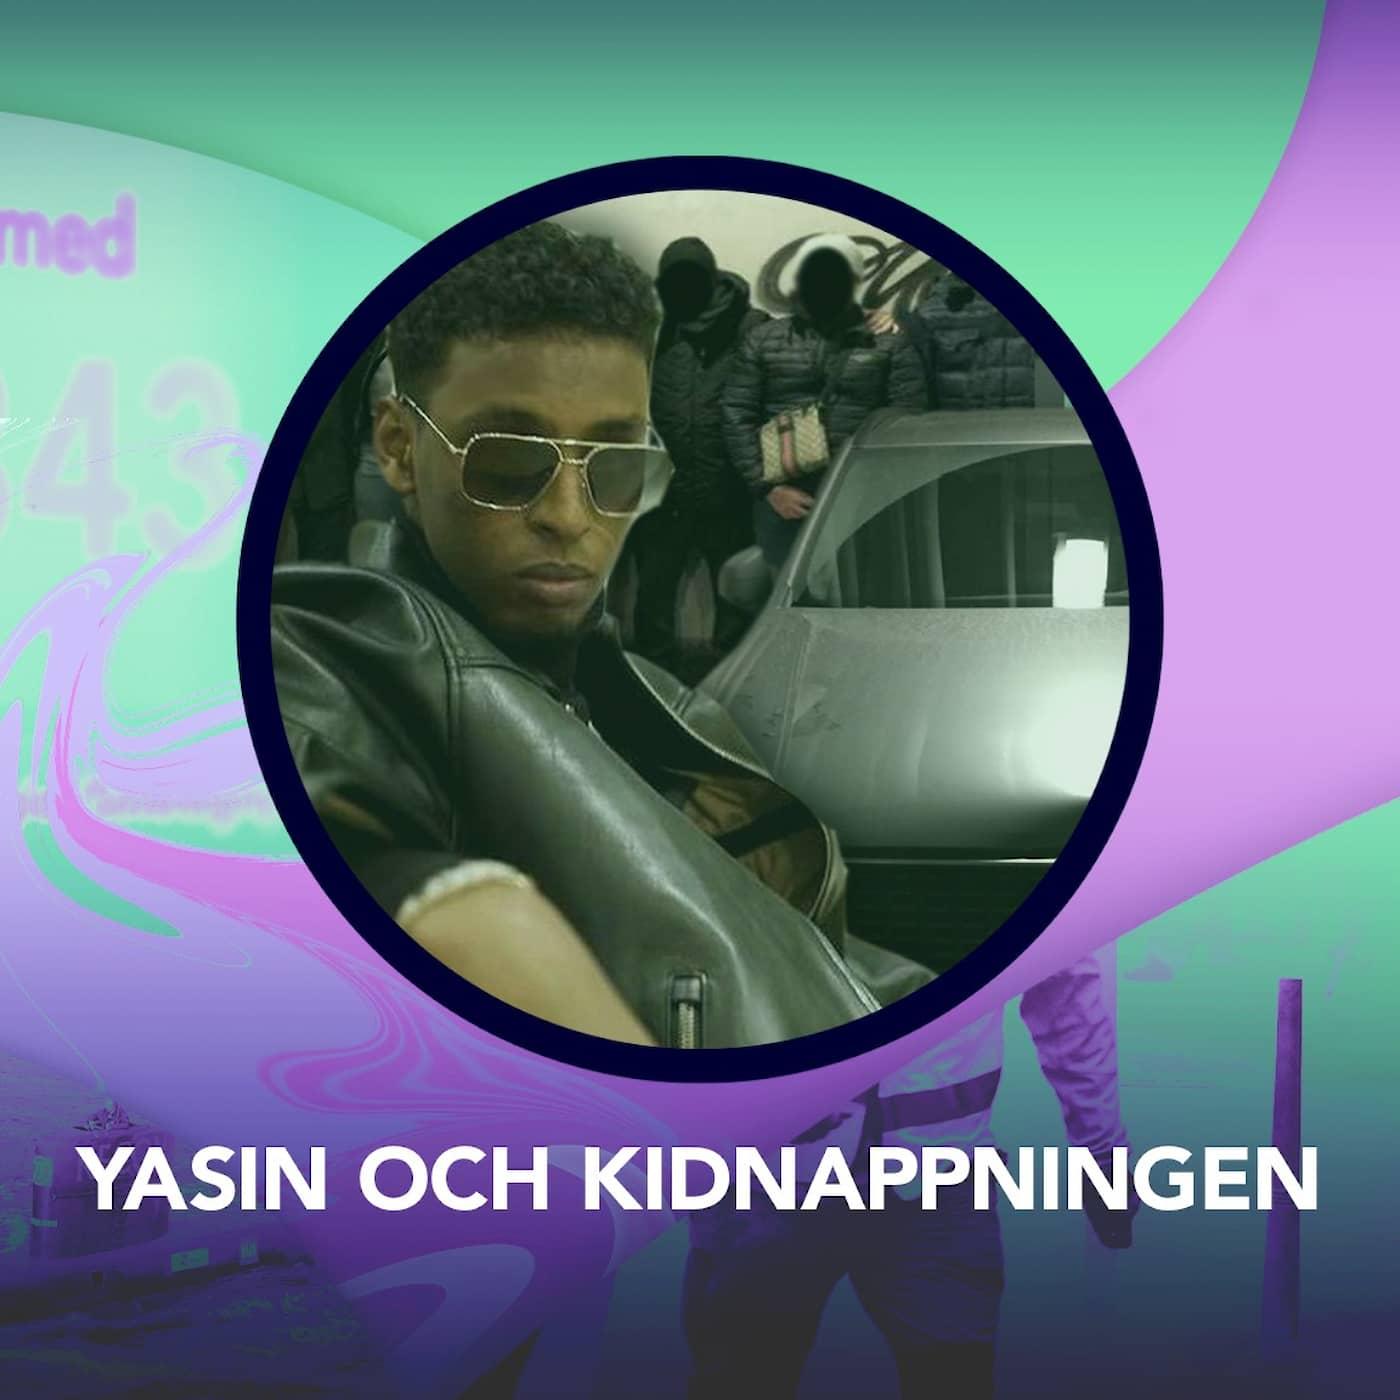 Yasin och kidnappningen – P3 Nyheter Dokumentär